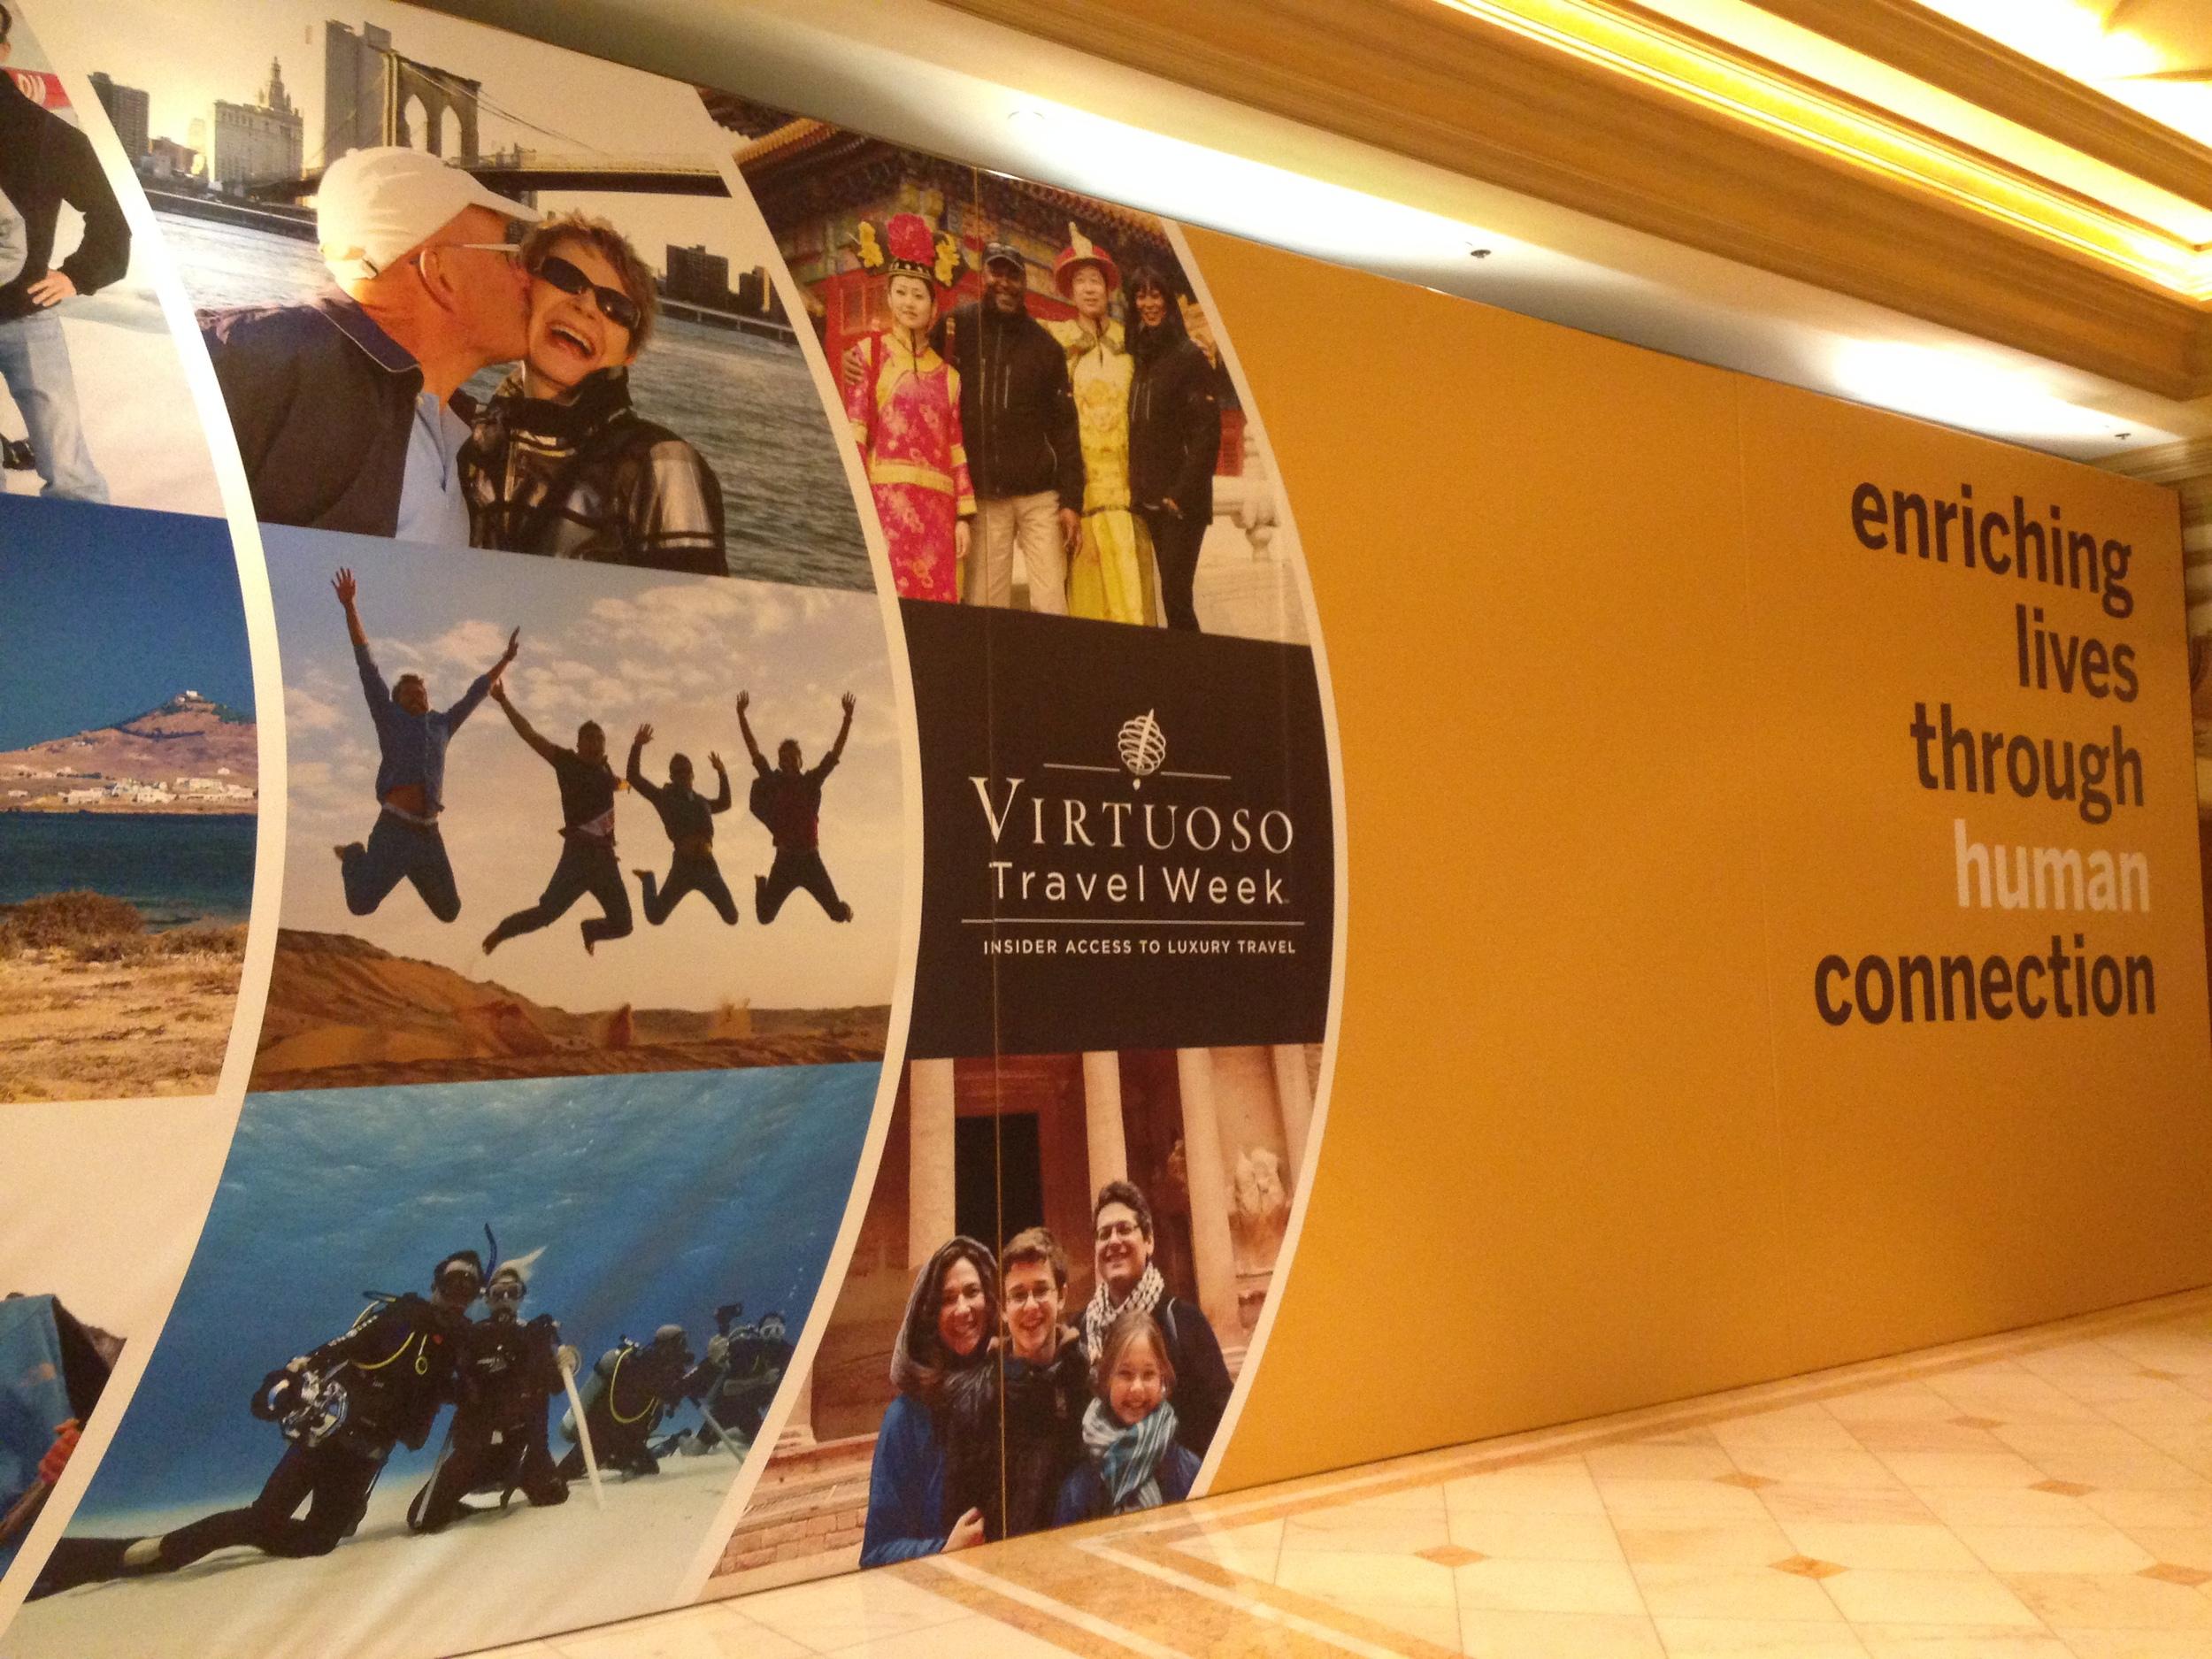 Virtuoso Travel Week - 2014